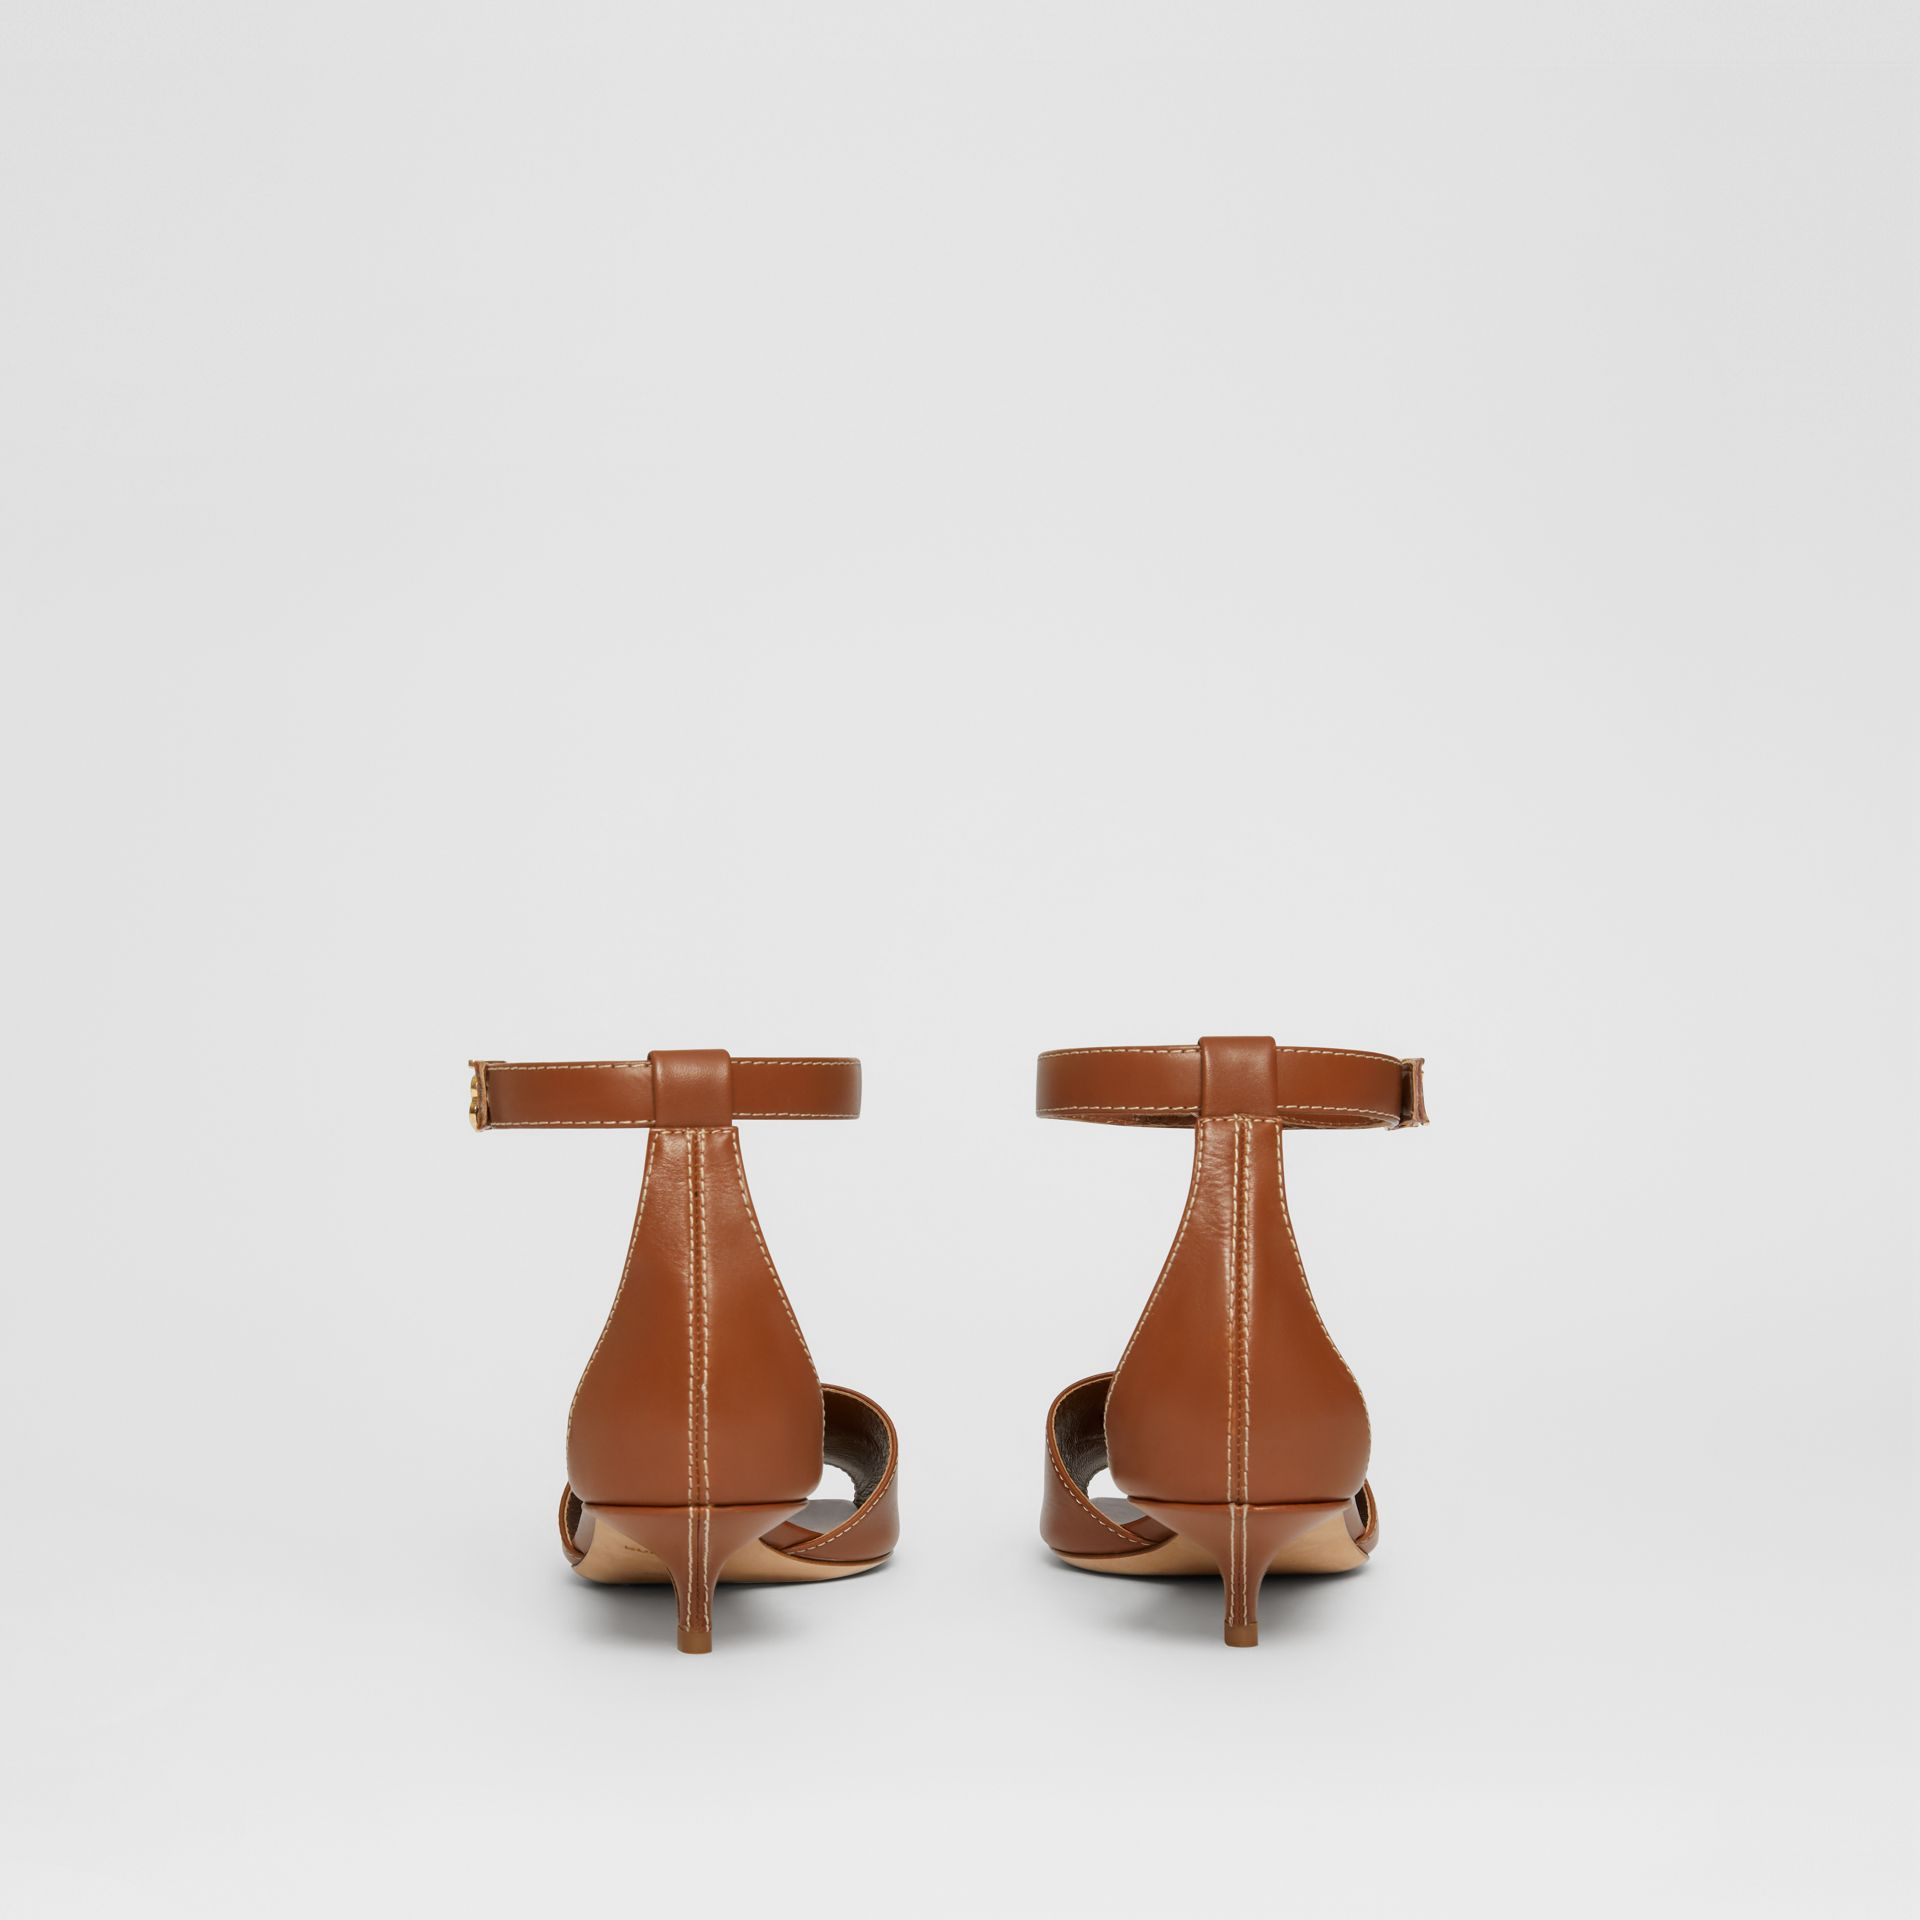 モノグラムモチーフ レザー キトゥンヒール サンダル (タン) - ウィメンズ | バーバリー - ギャラリーイメージ 4